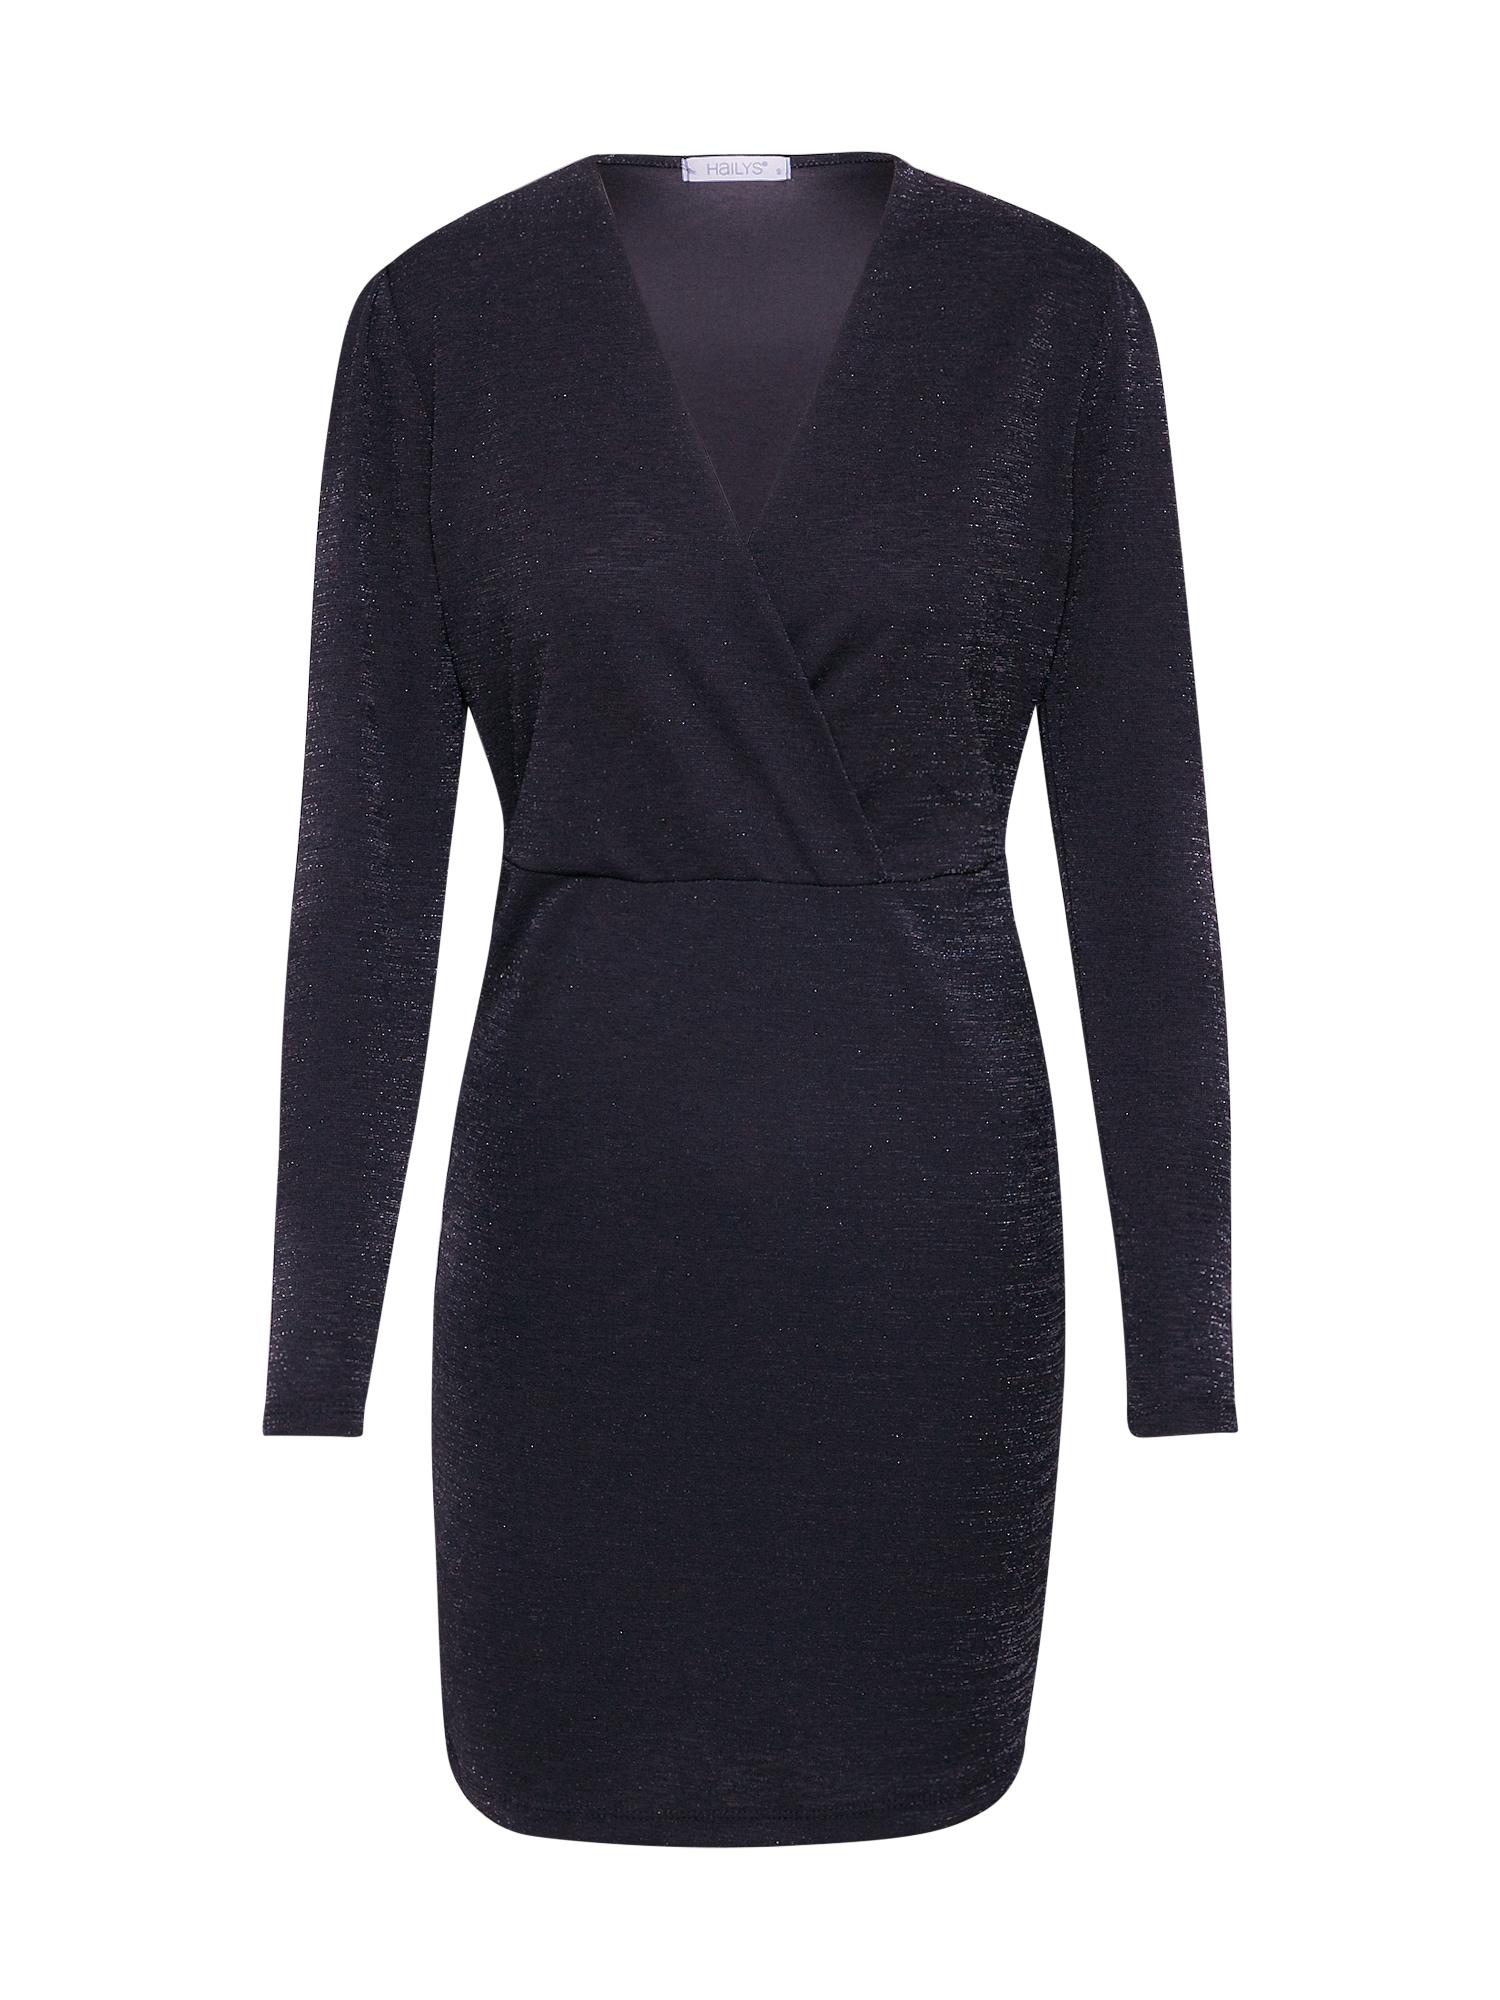 Hailys Trumpa kokteilinė suknelė 'Linda' juoda